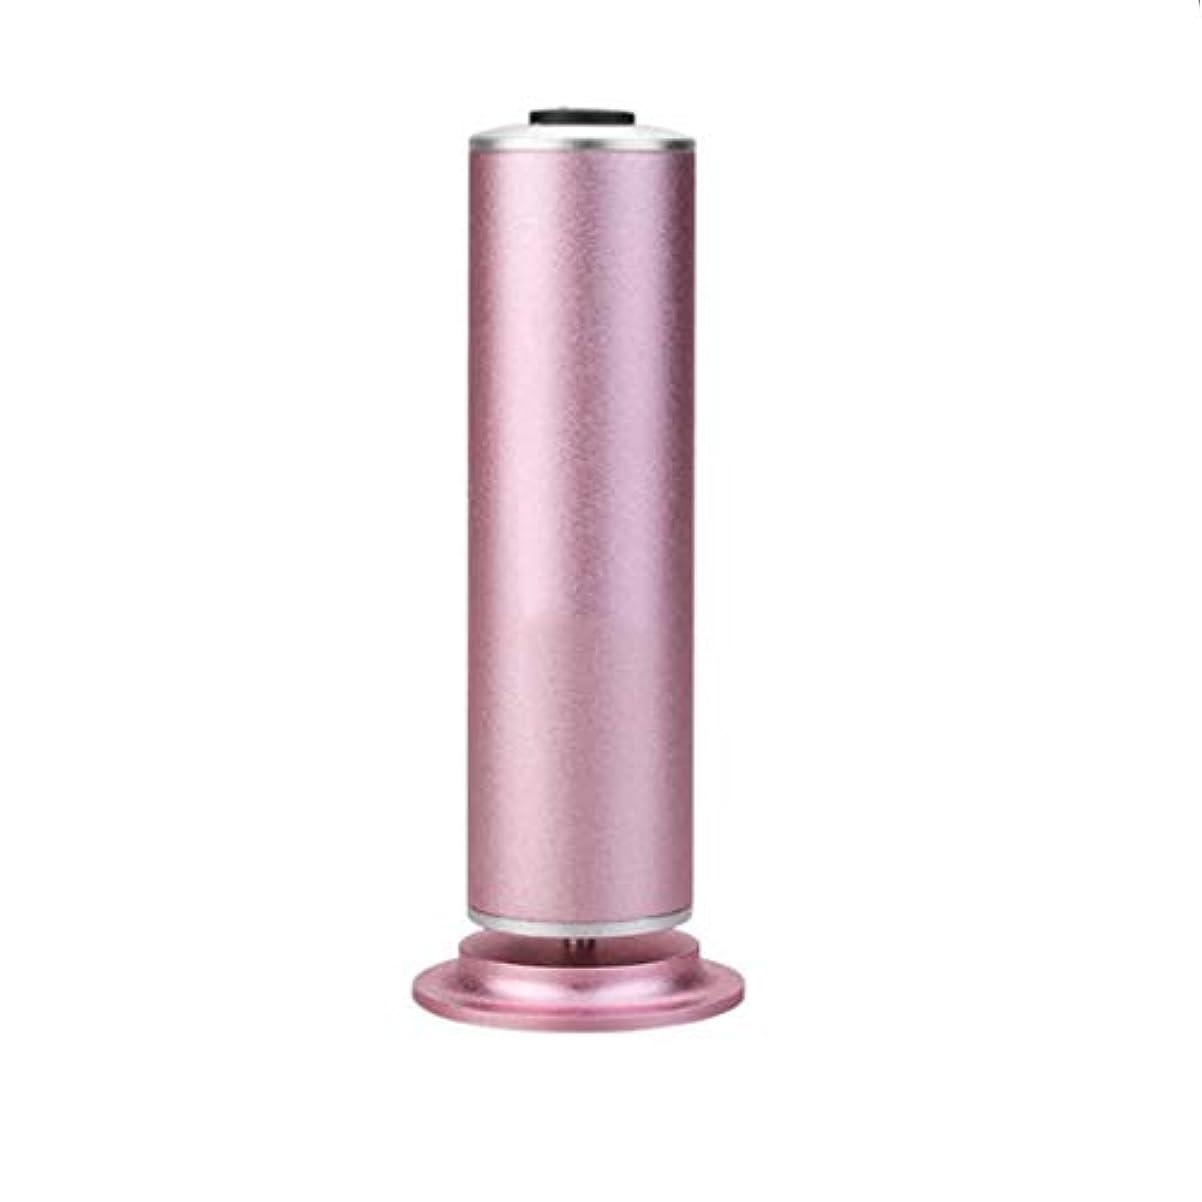 アウター仮定彫刻電動フットカルスリムーバー、スピード調節可能、フットケアツール、ドライ、デッド、ハード、クラックされたスキン&カルス(ピンク)